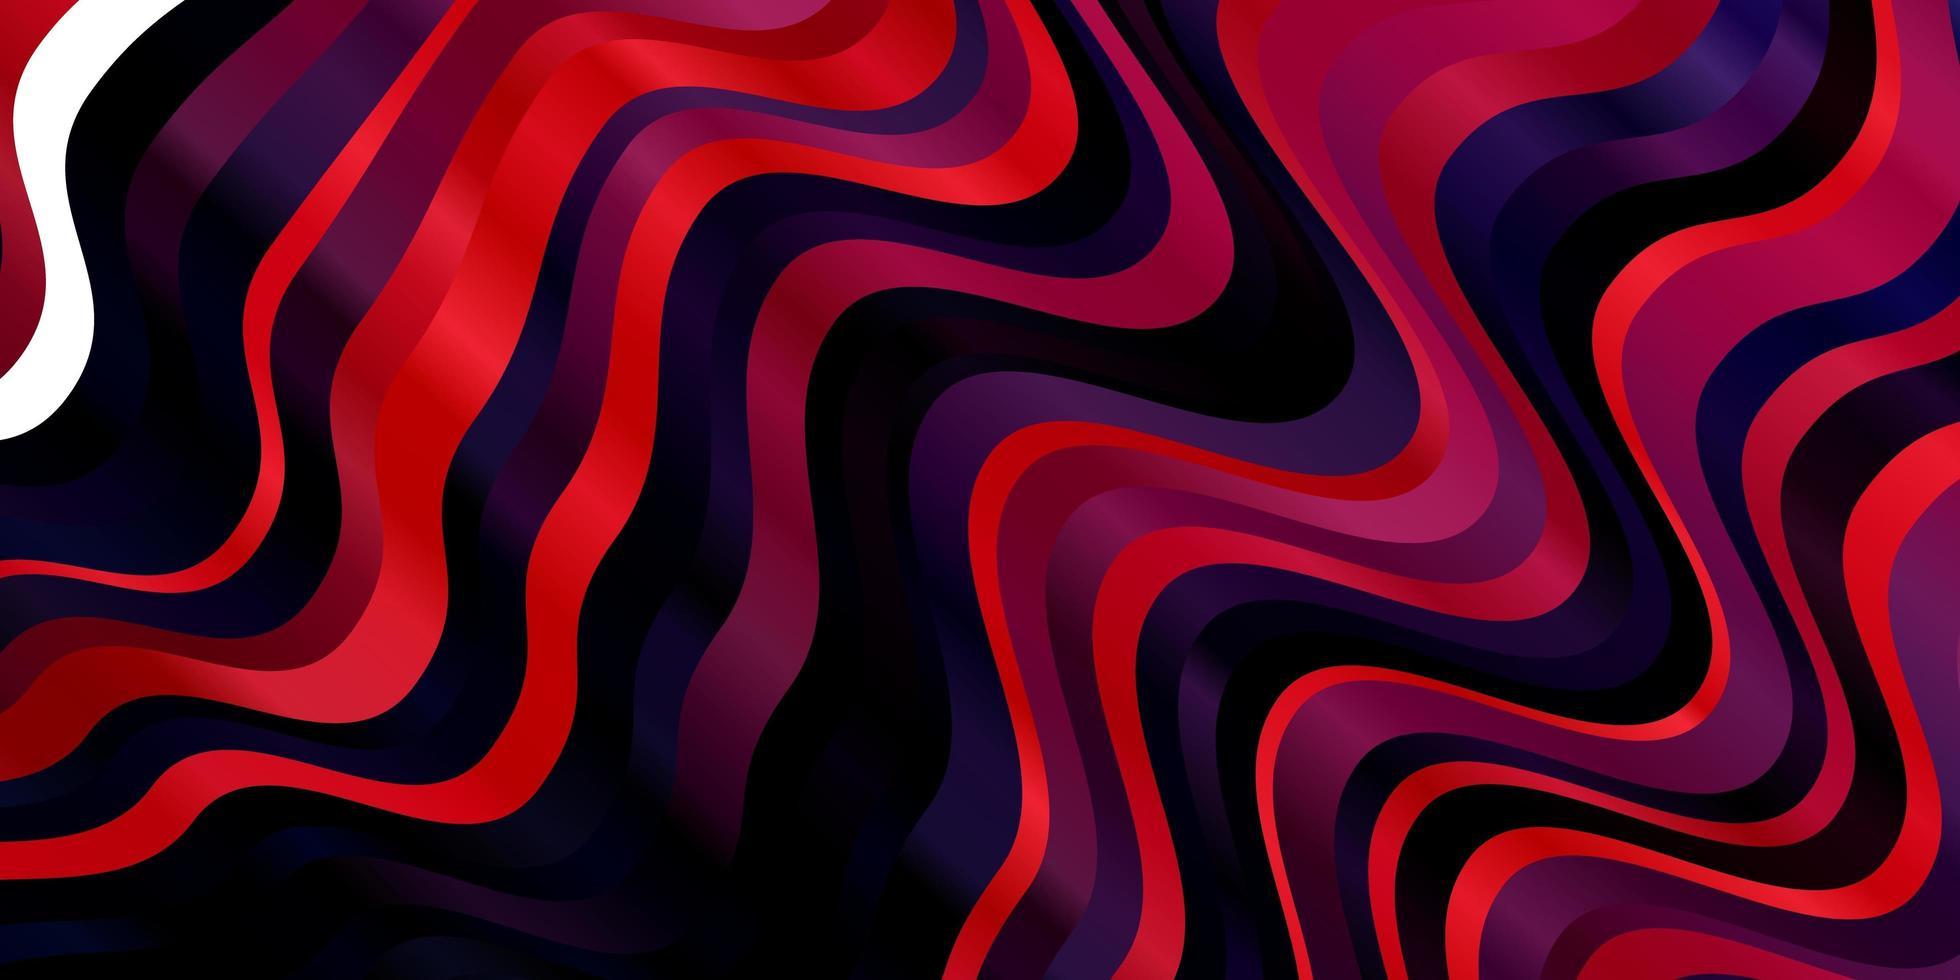 modello vettoriale rosa scuro, blu con linee ironiche.